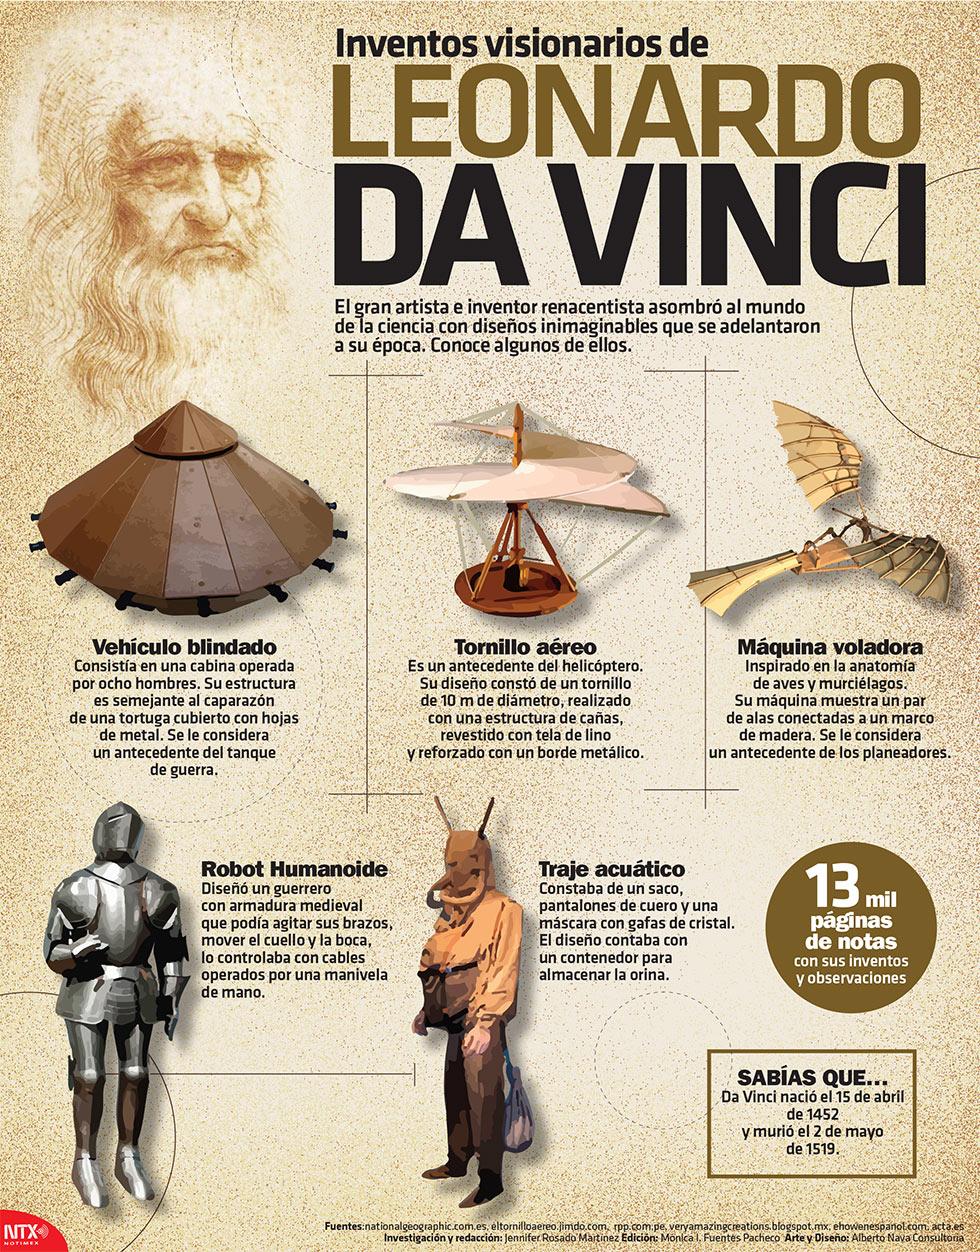 Inventos visionarios de Leonardo Da Vinci